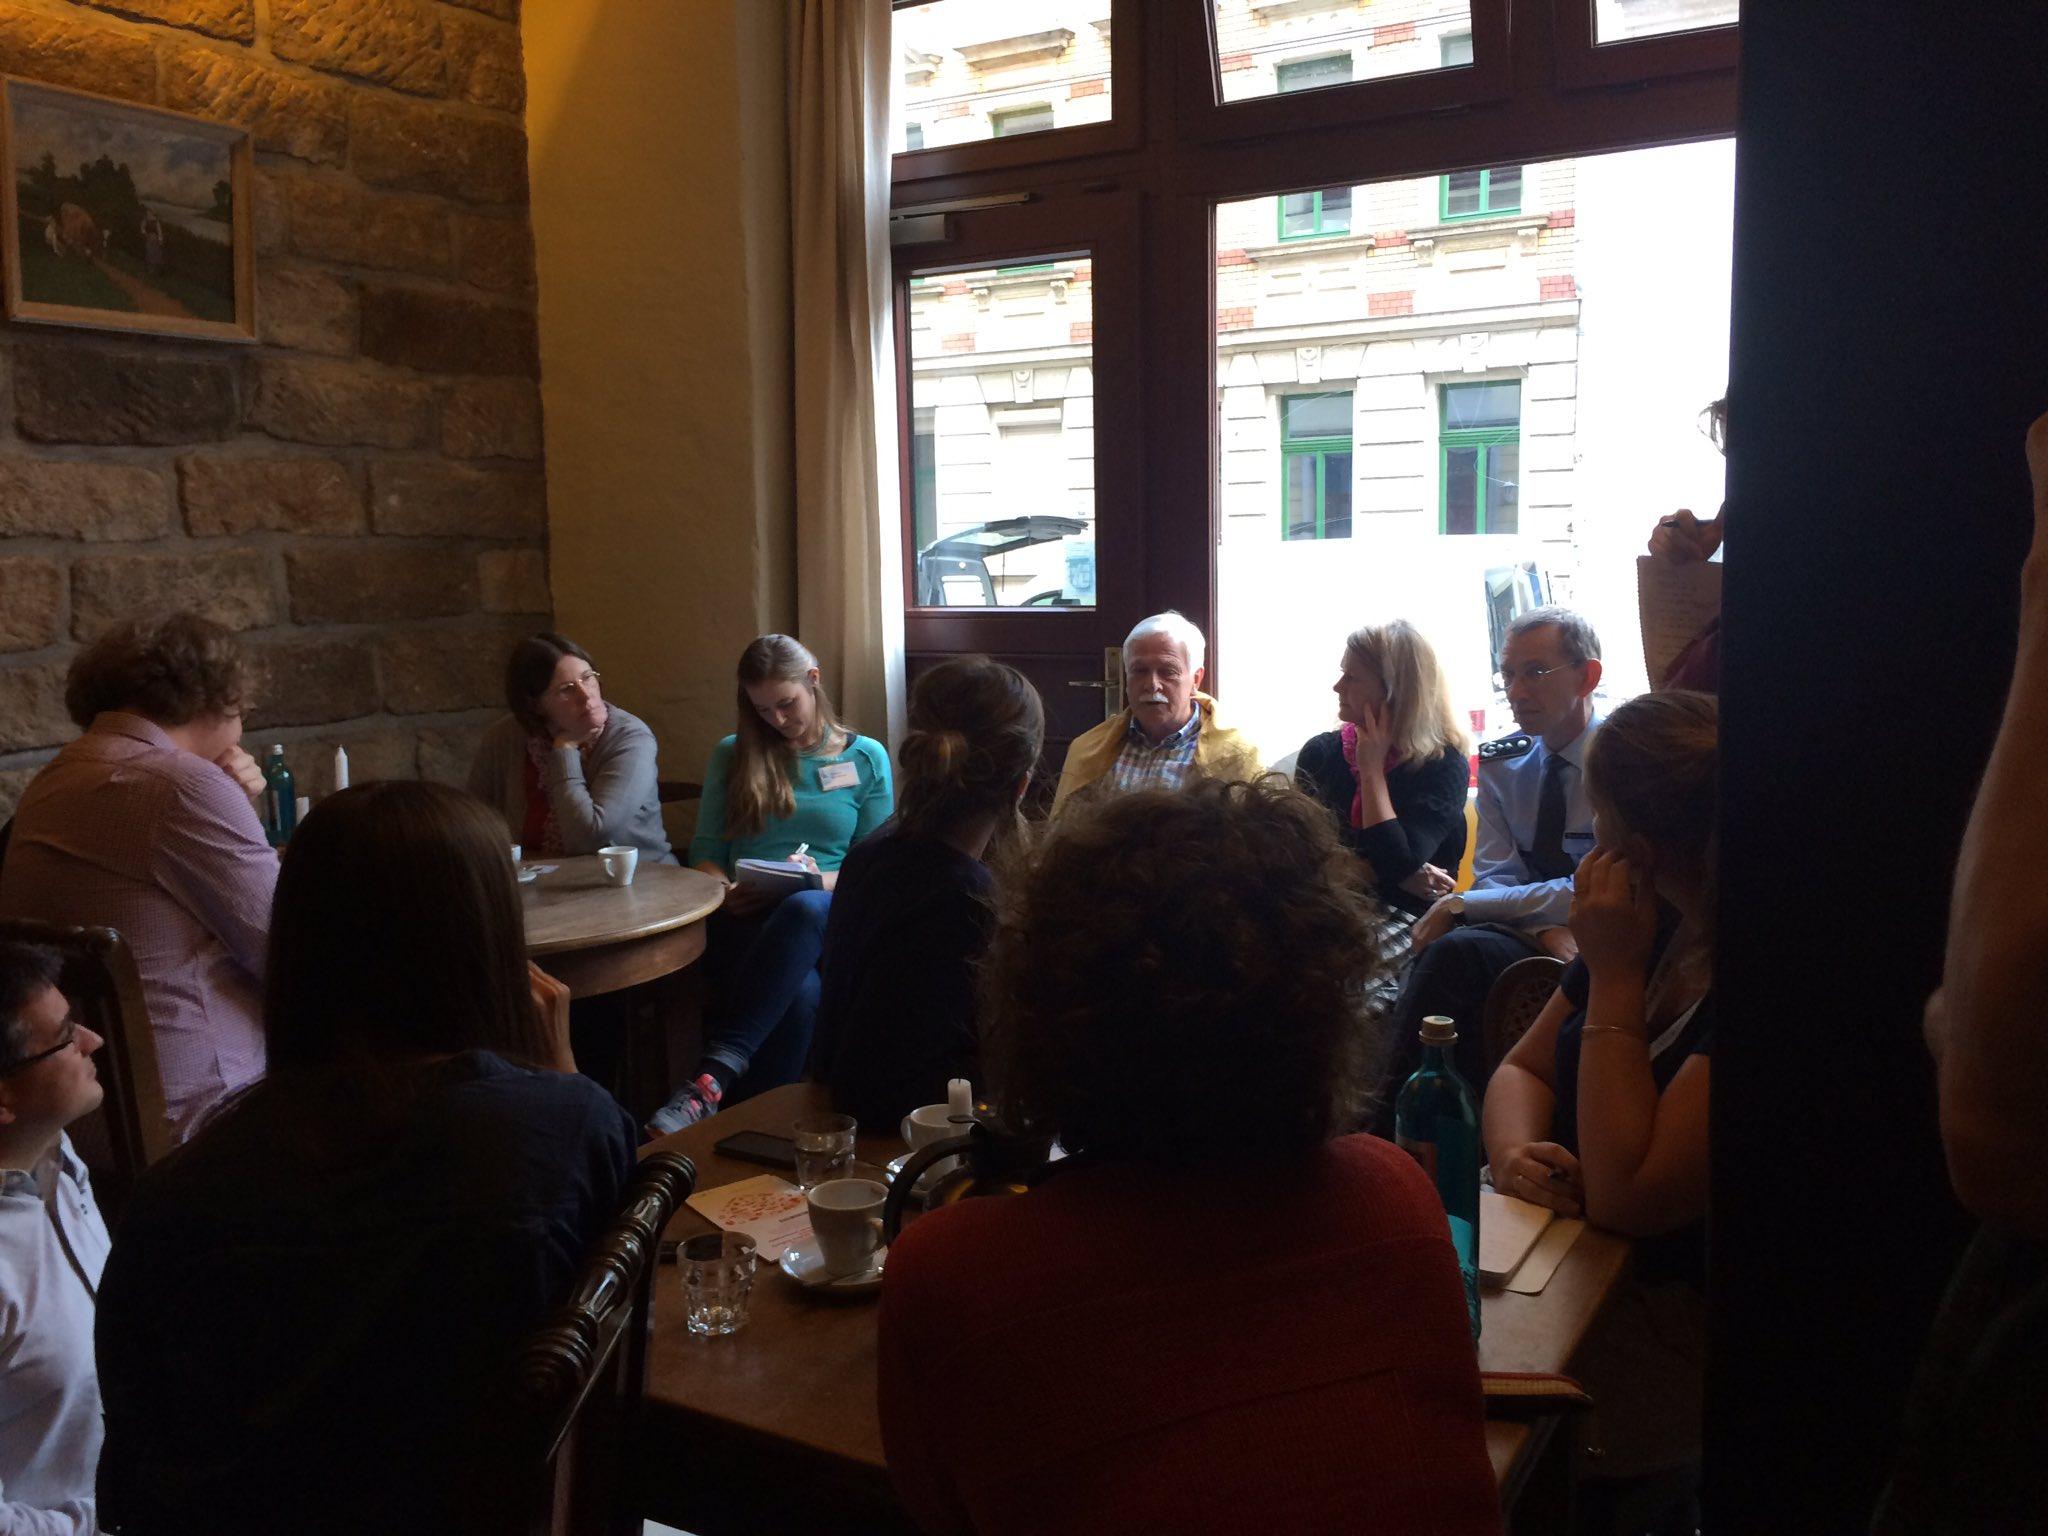 Die #ddss16 ist intensiver Austausch- heute mit den DirektorInnen der Institutionen im Café. https://t.co/NqIYWpdGPi